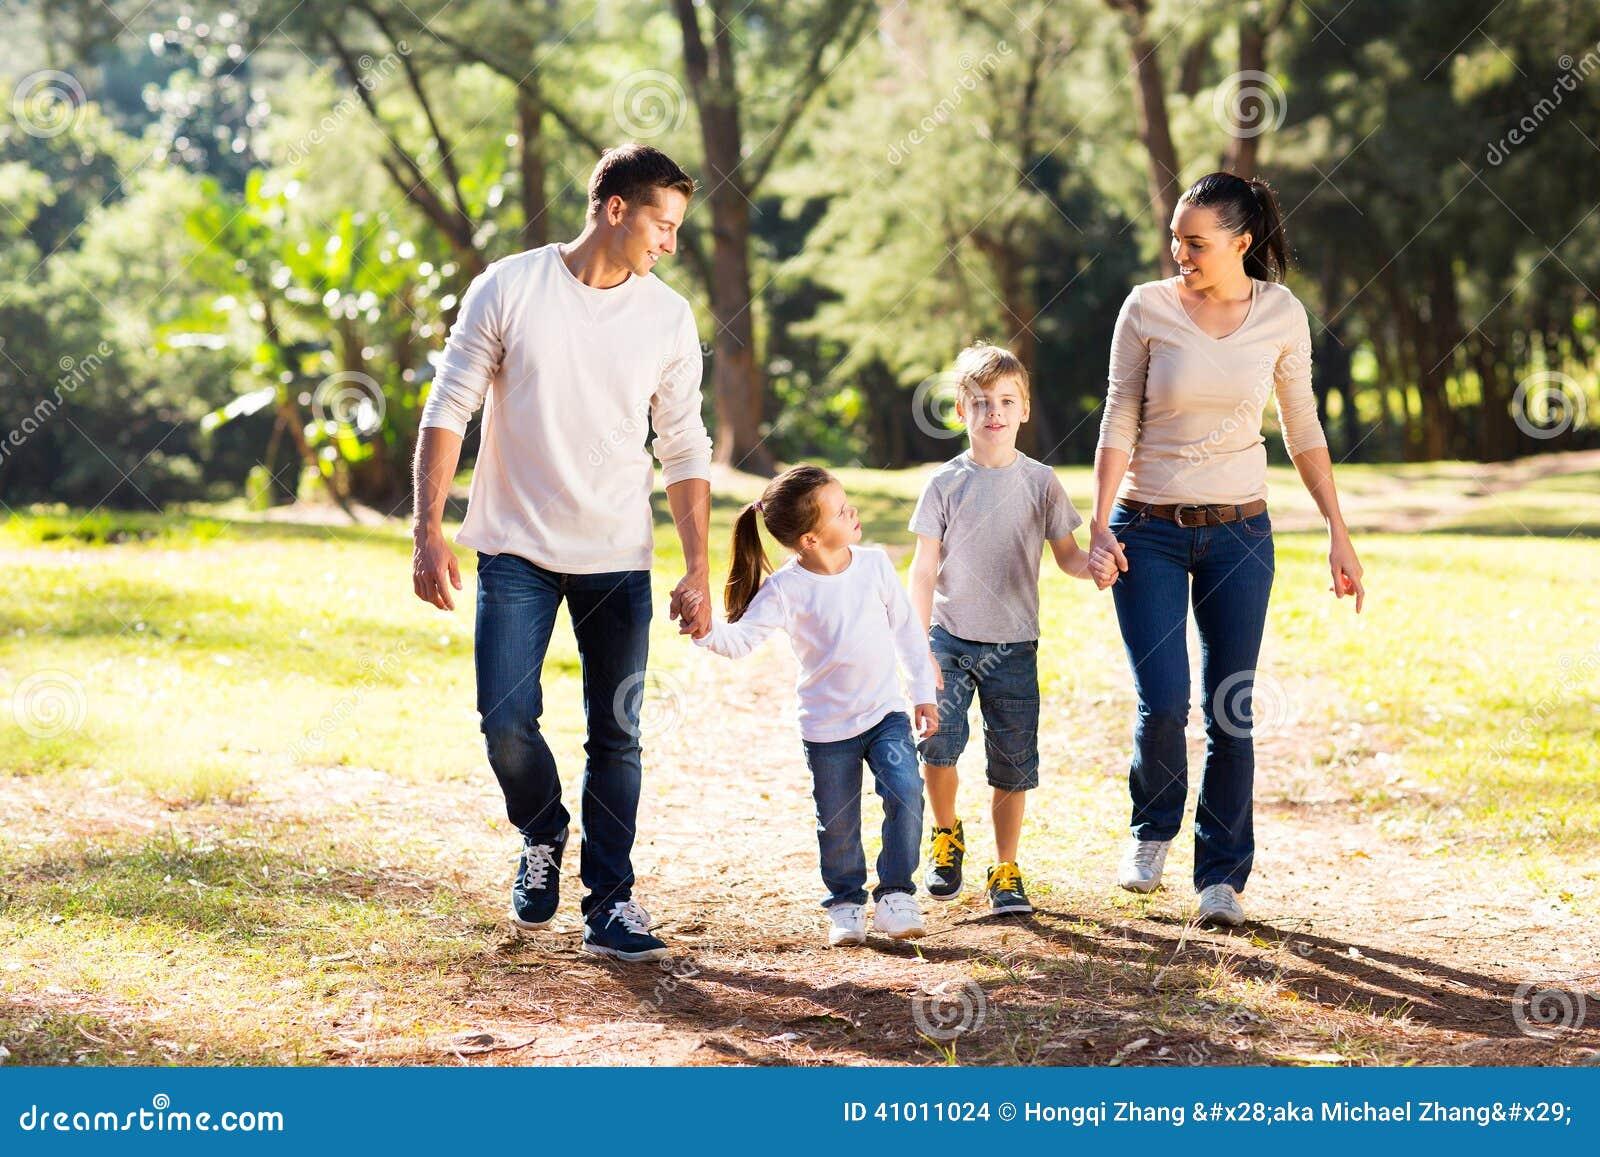 Картинка все идет из семьи